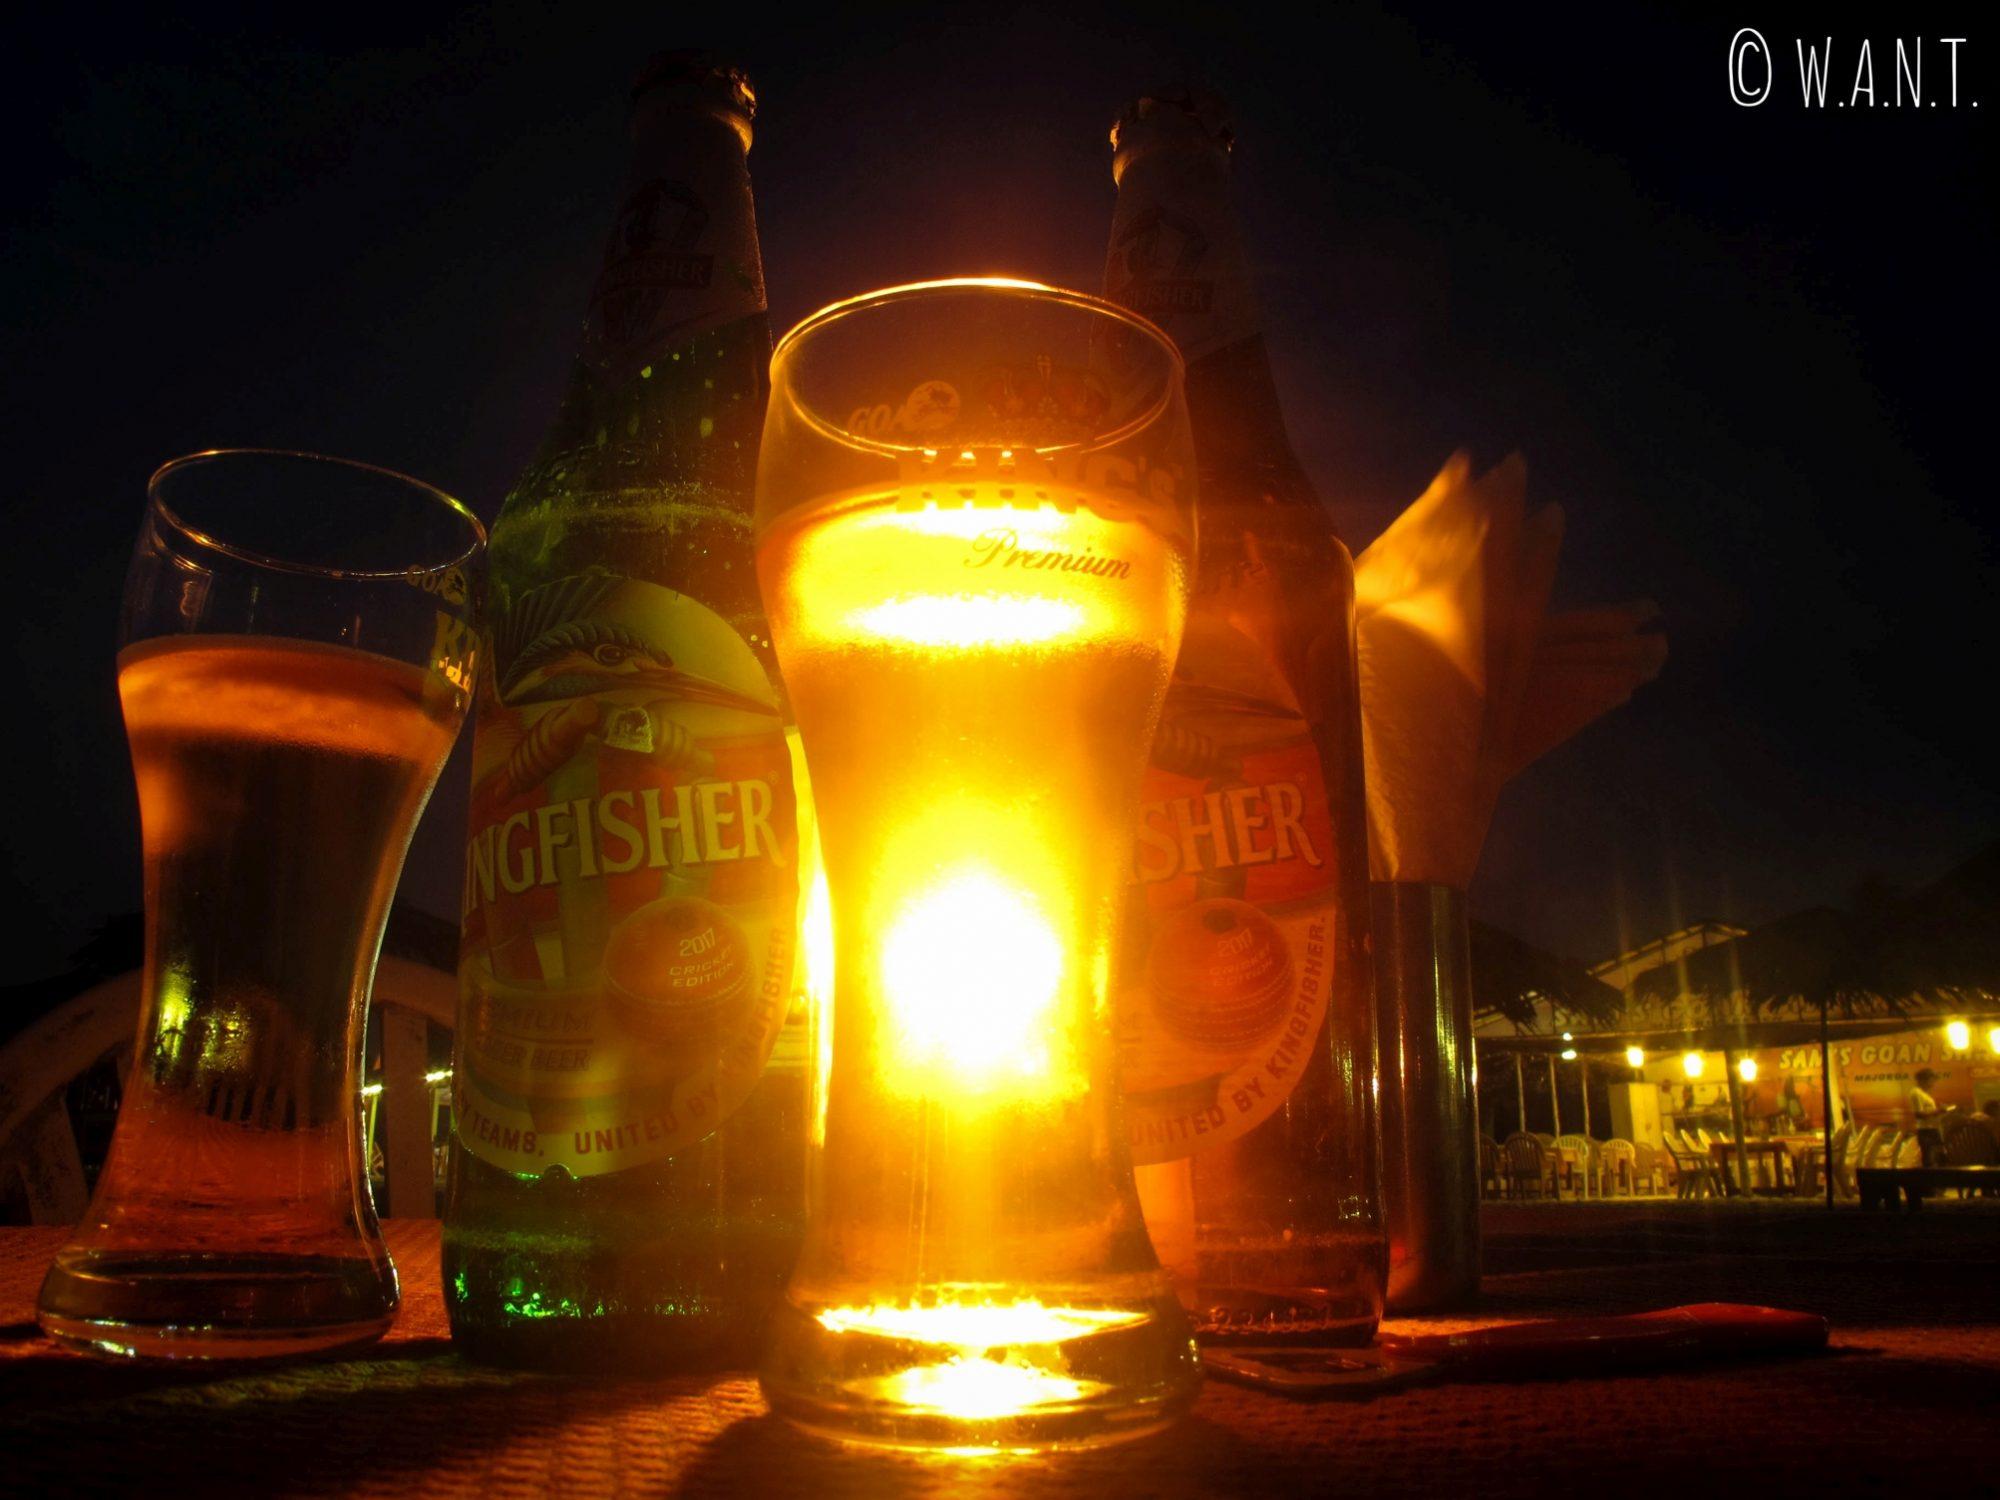 Premières bières de notre voyage !